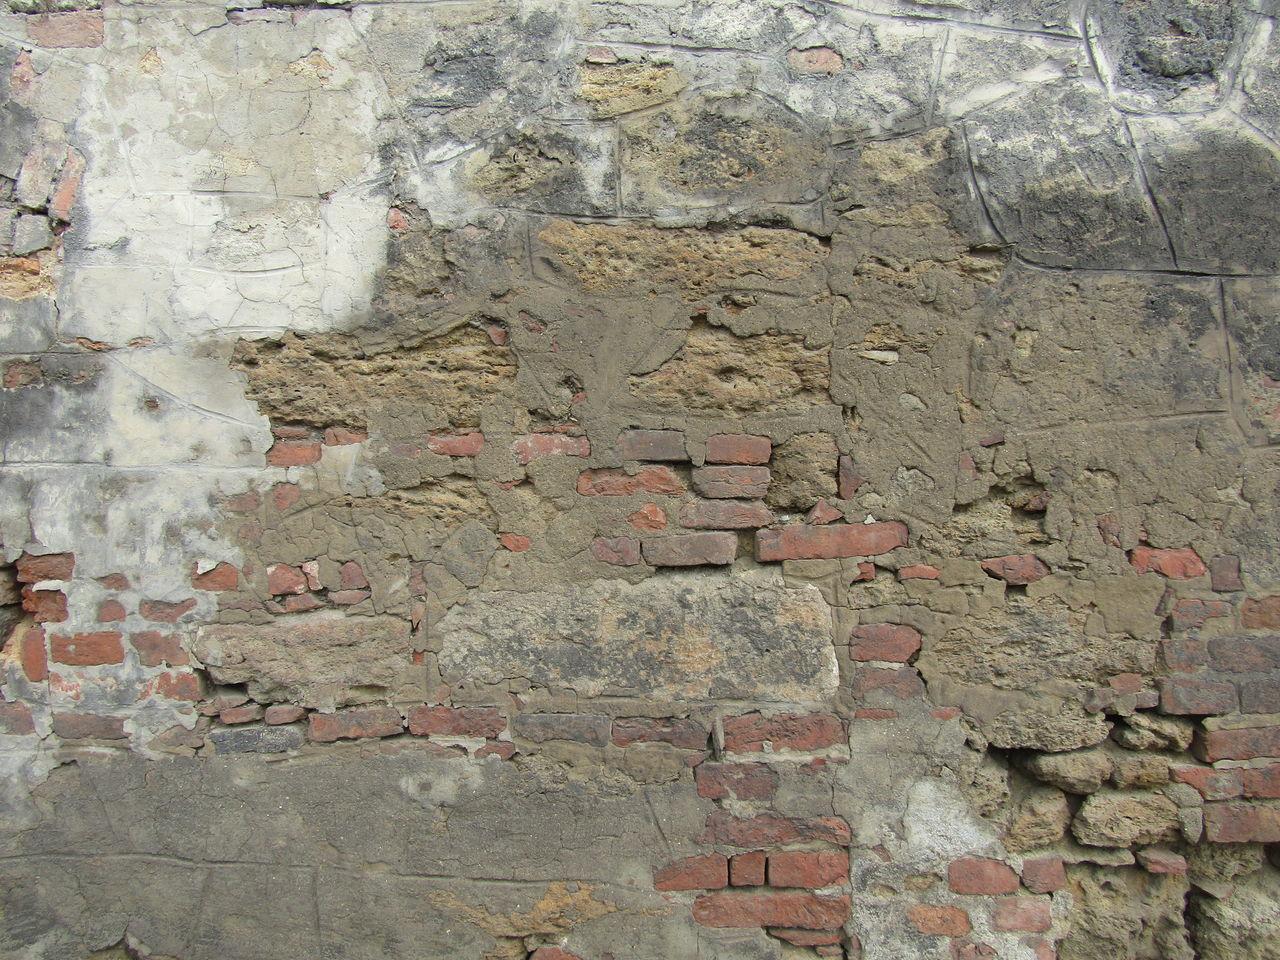 Backgrounds Pattern Full Frame Weathered Wien Vienna Liesing Wall Mauer Abandoned Ziegel Brick Brick Wall Verfallene Mauer Textured